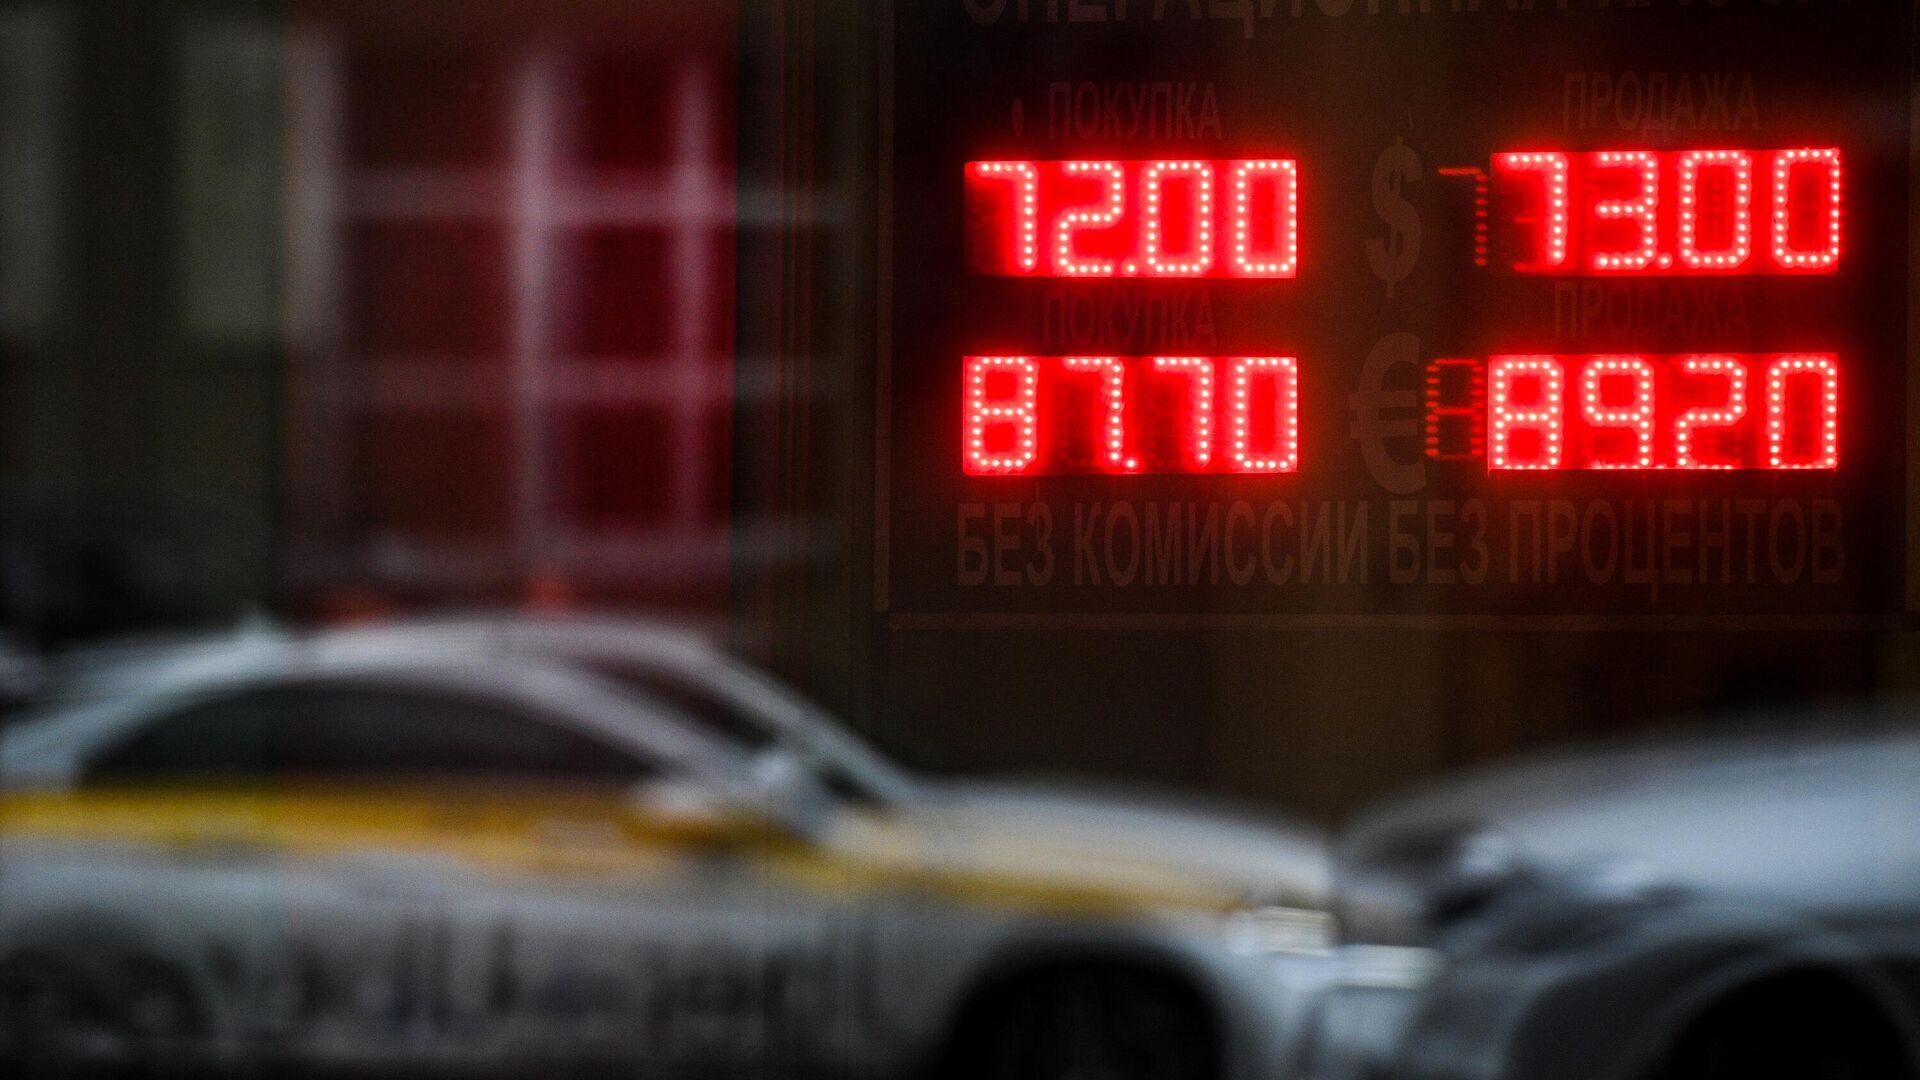 Электронное табло с информацией о курсах валют на одной из улиц в Москве. 9 июня 2021 - РИА Новости, 1920, 06.10.2021